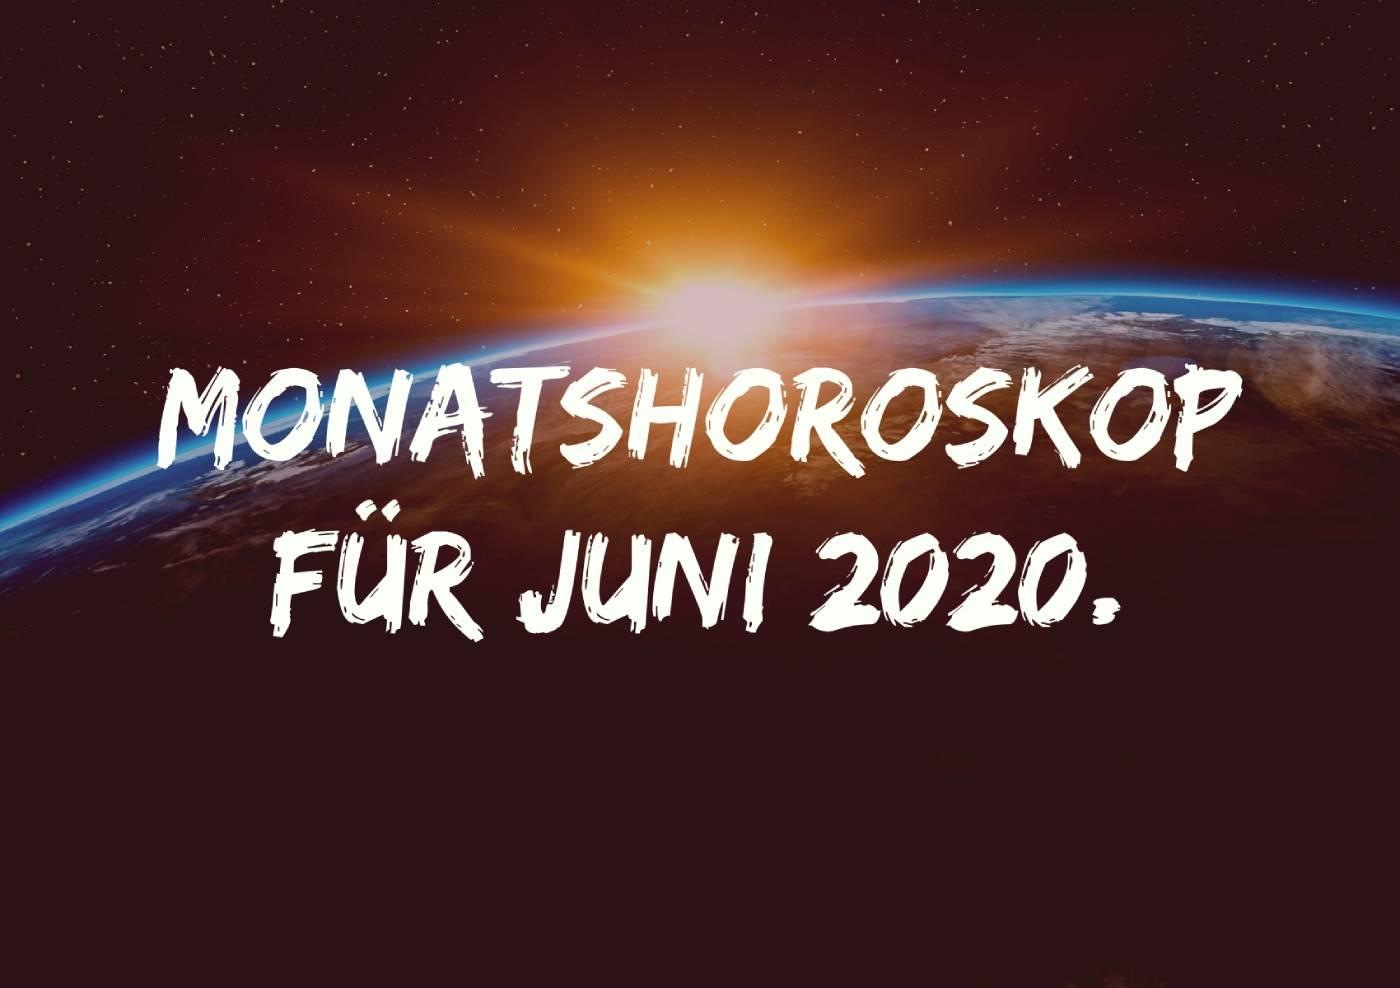 Monatshoroskop für Juni 2020.